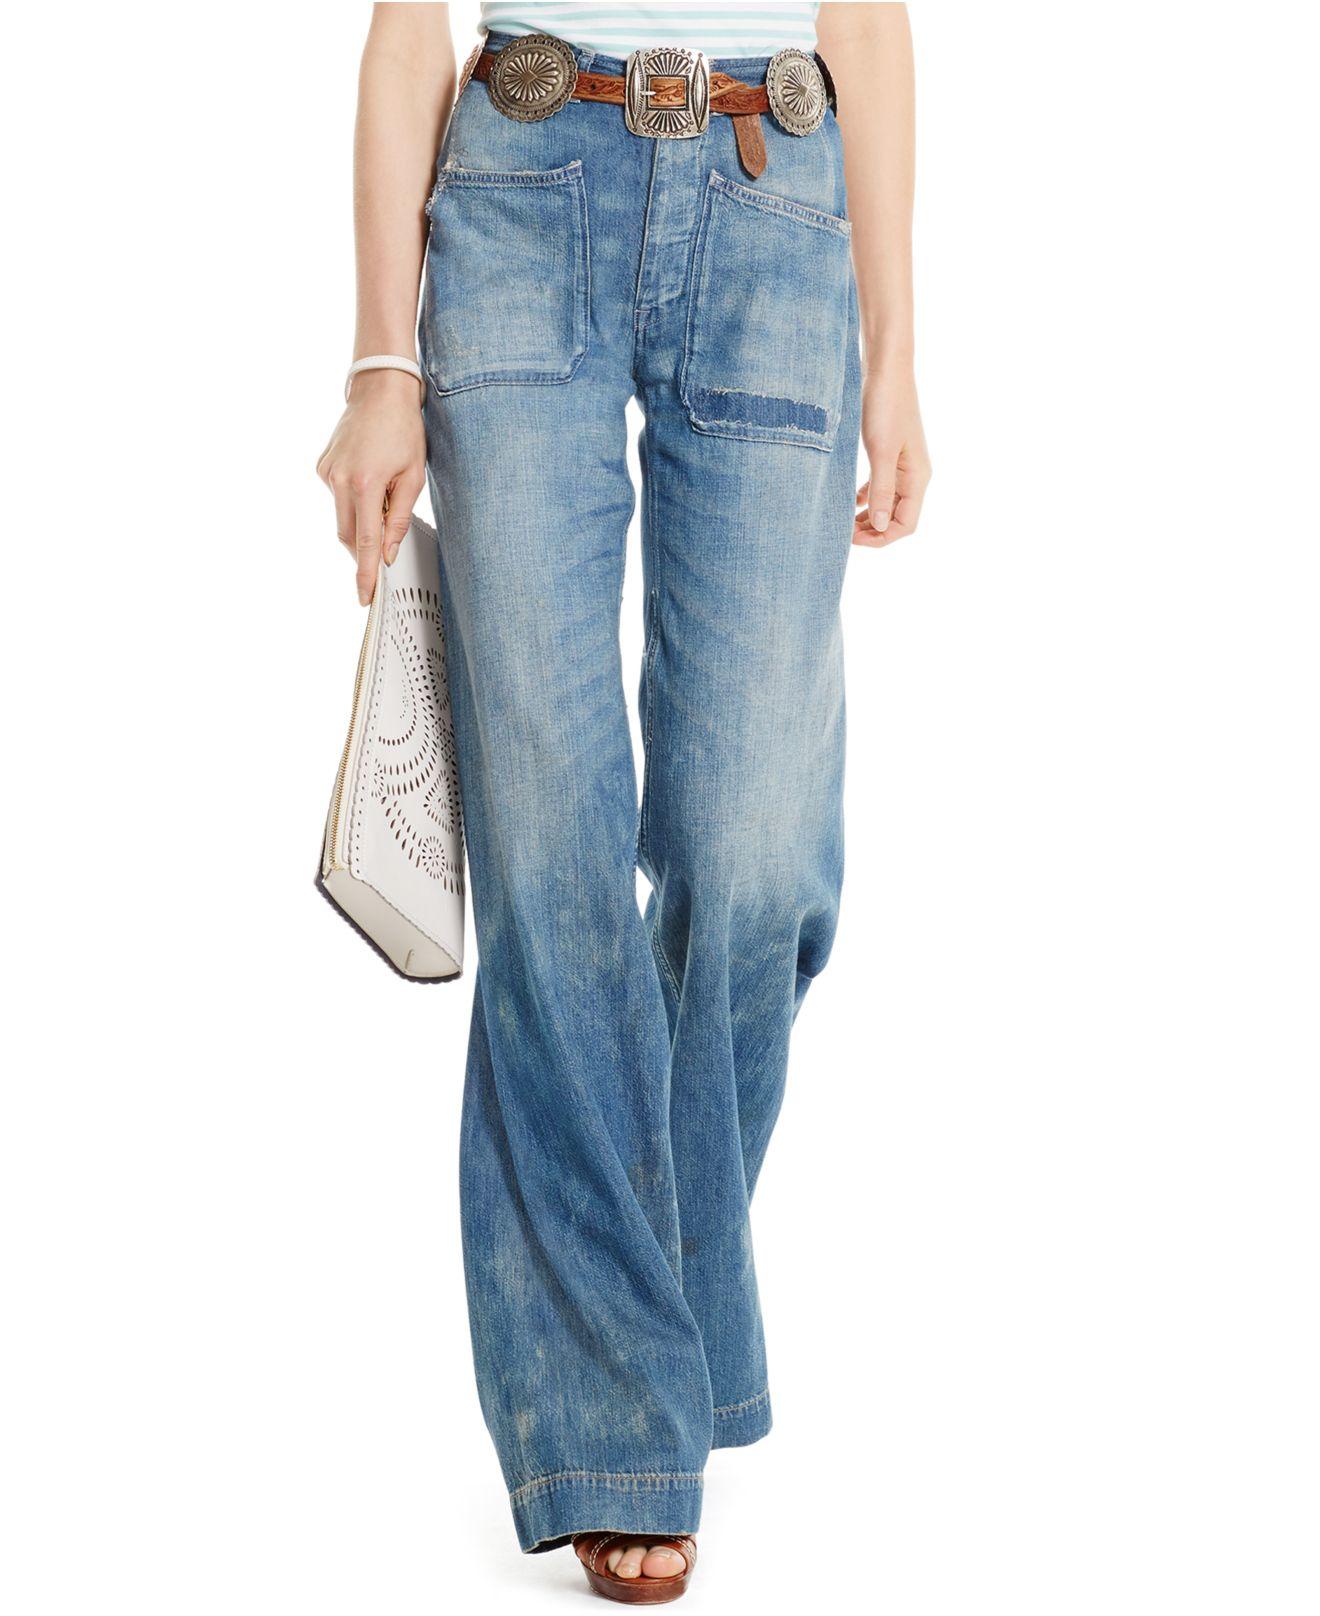 Polo ralph lauren Wide-leg Jeans in Blue | Lyst